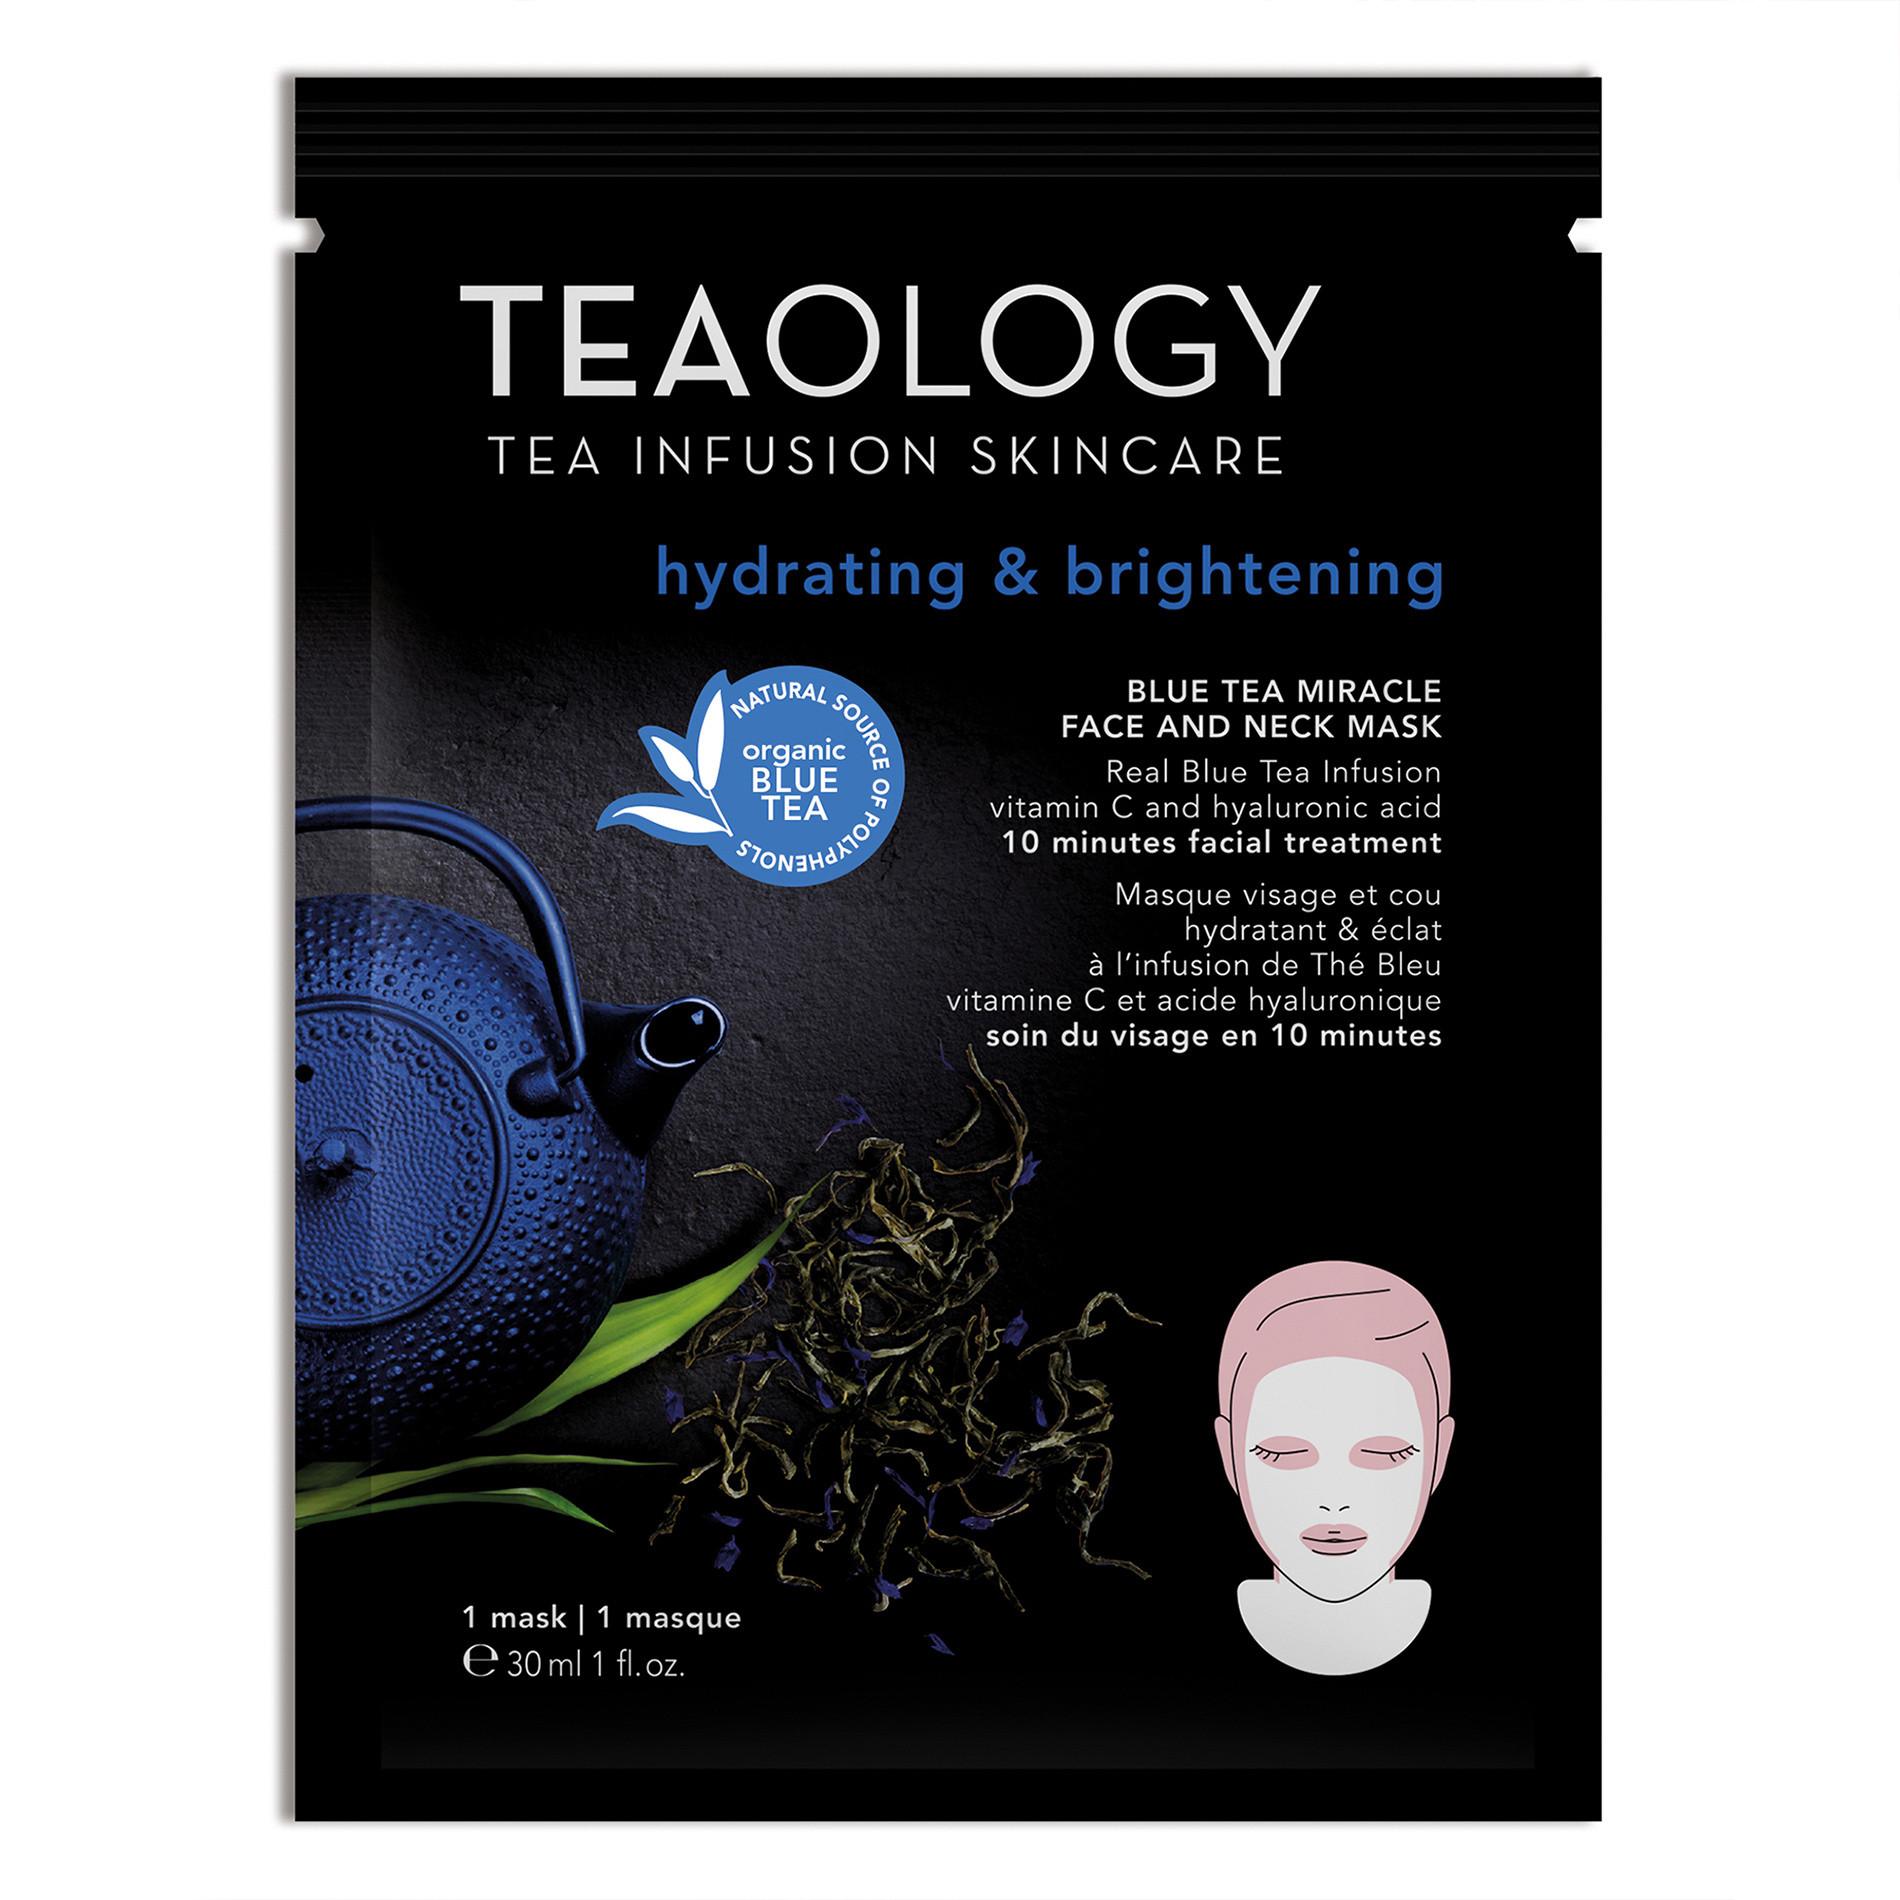 Blue Tea Miracle Face and Neck Mask Idratante e Illuminante 30 ml, Nero, large image number 0